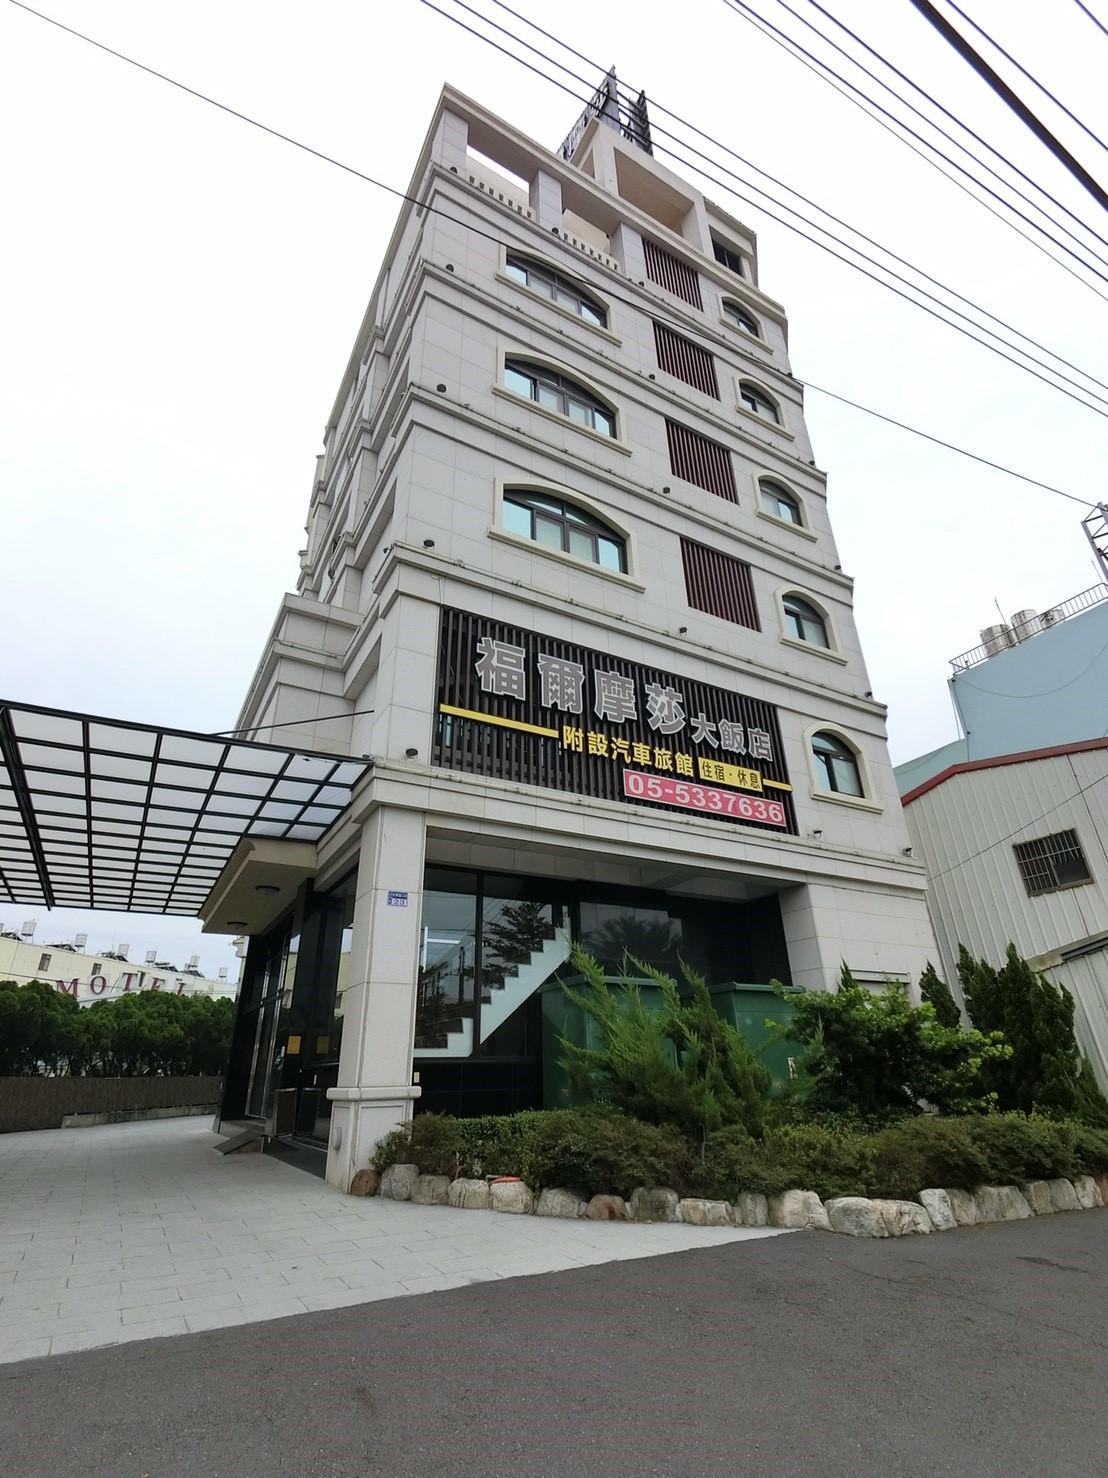 29 night best yunlin hotel deals in 2019 taiwan rh agoda com